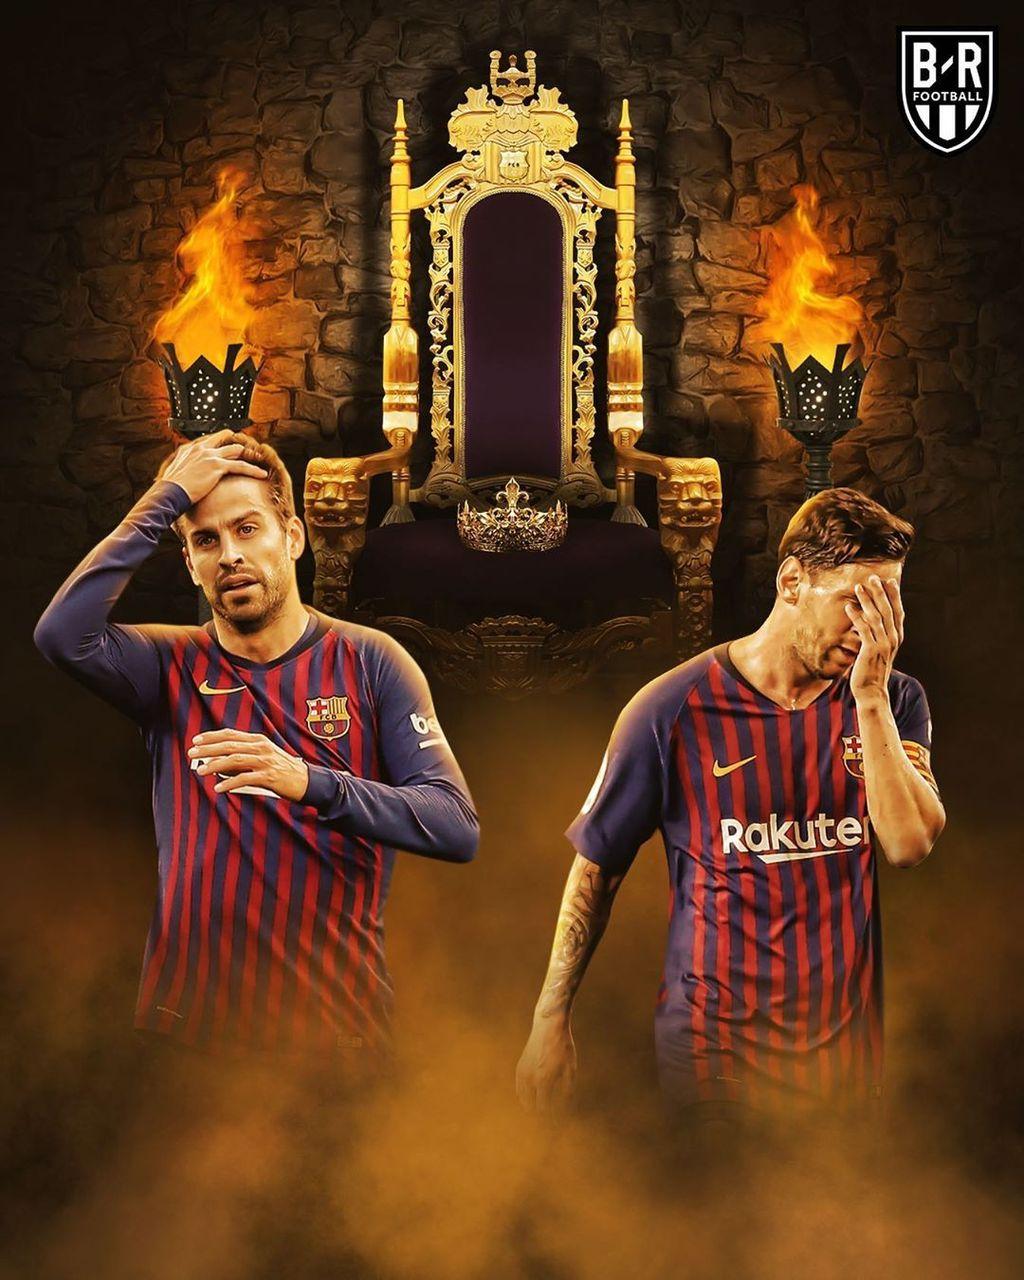 Untuk pertama kalinya sejak 2014, Barcelona kalah di final Copa Del Rey. Foto: Instagram/brfootball